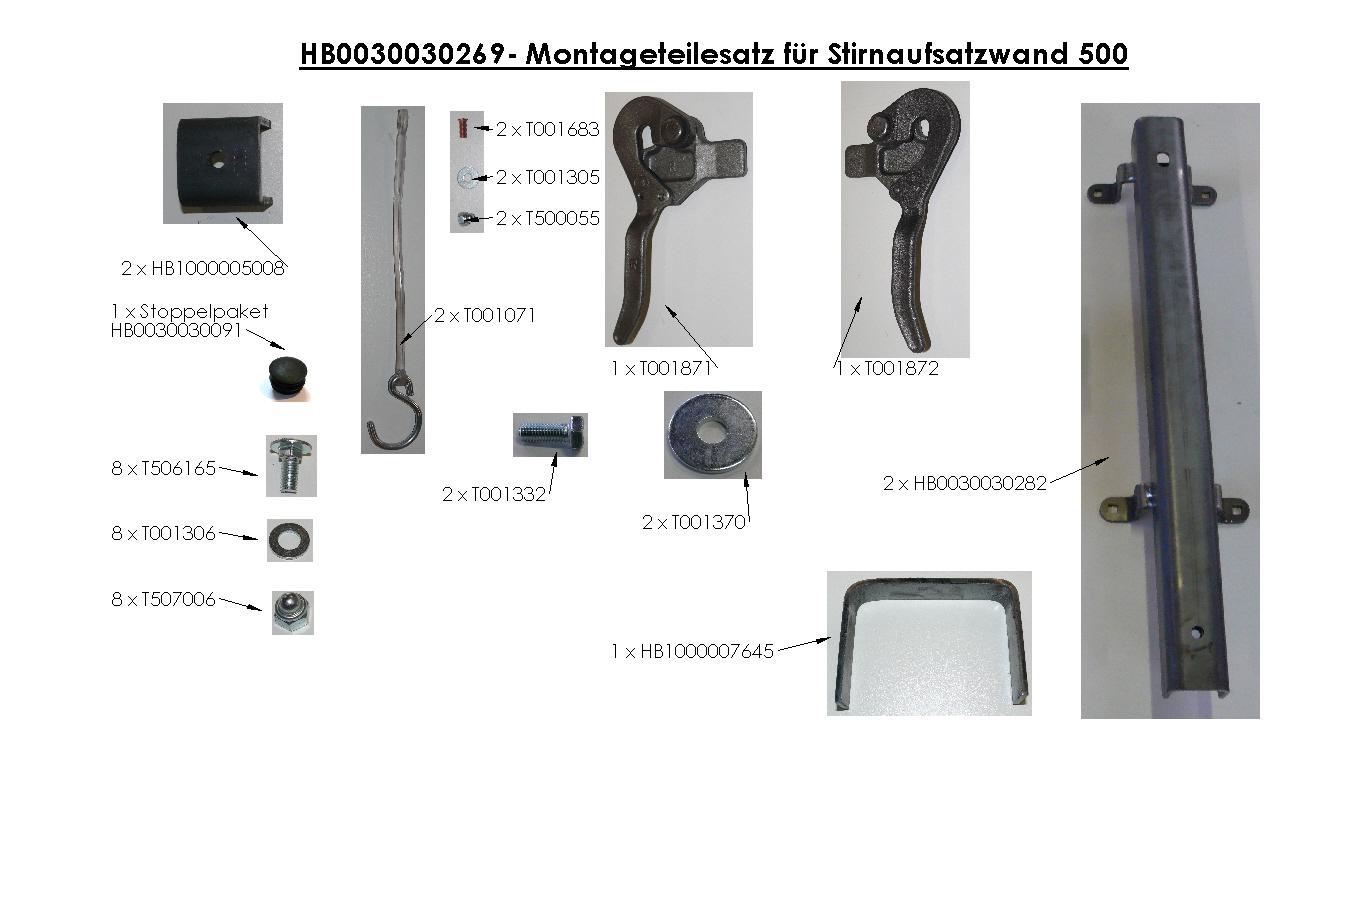 Brantner Kipper und Anhänger - Montageteilesatz für Stirnaufsatzwand 500